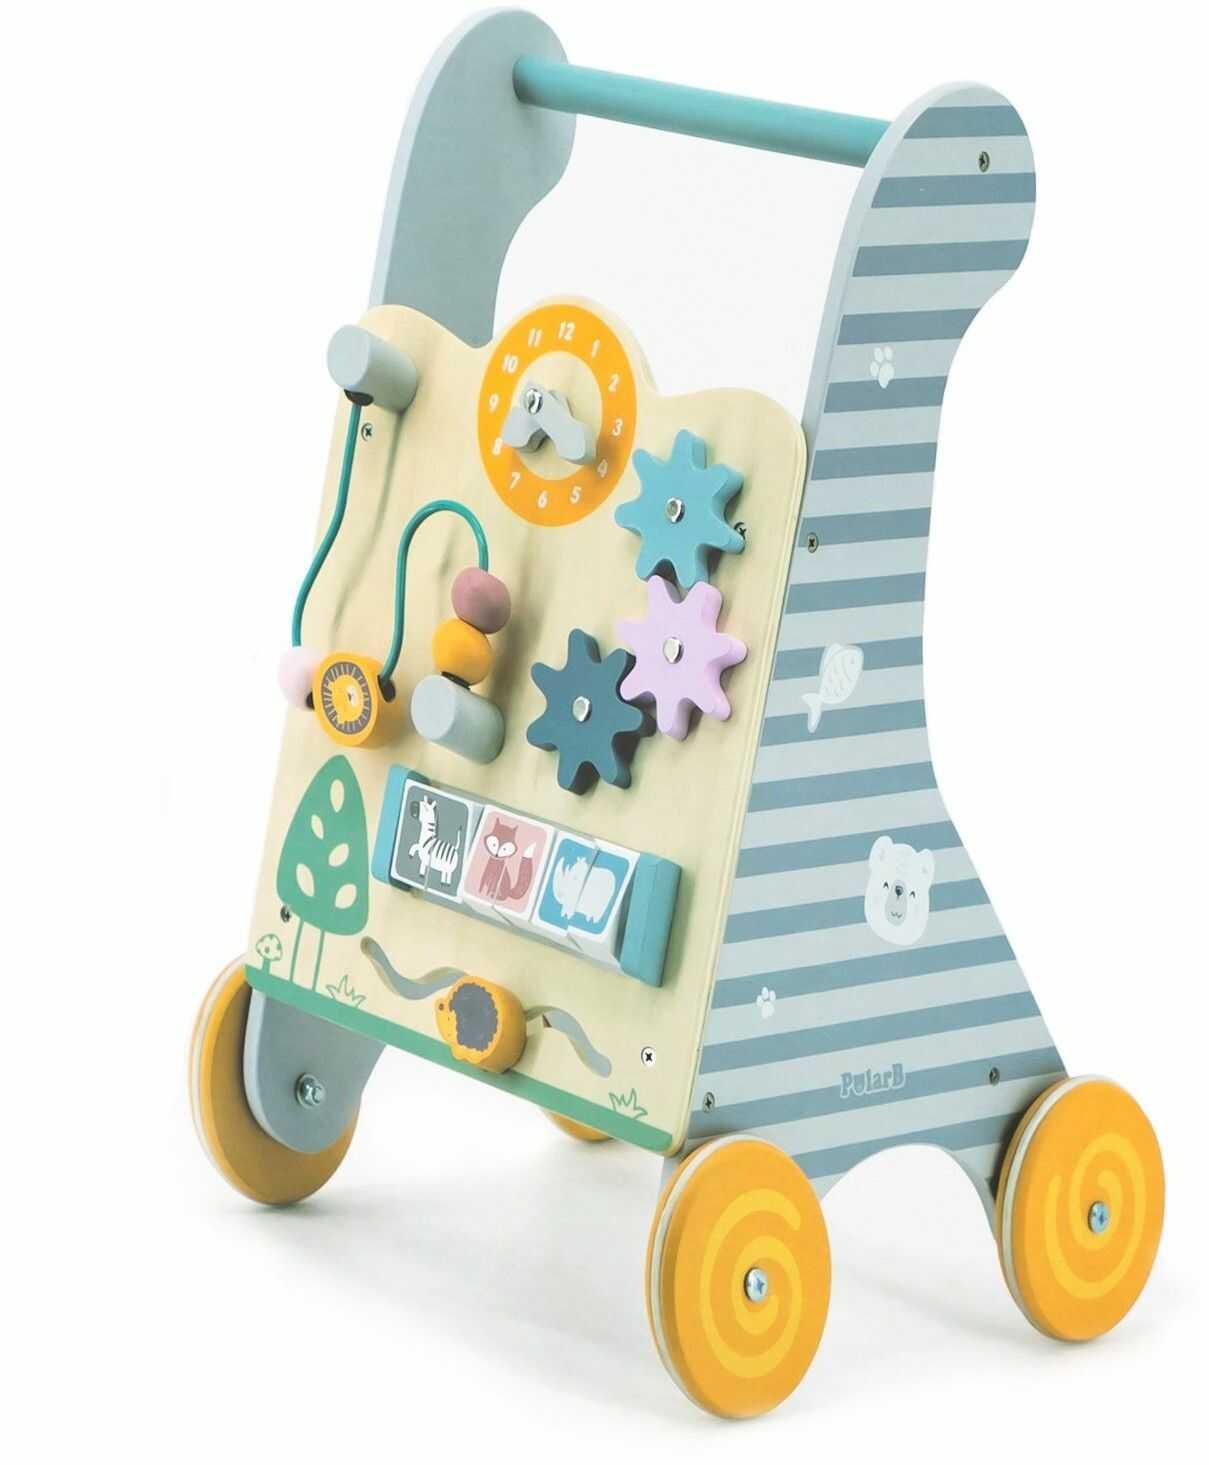 Viga Toys PolarB Drewniany Pchacz Chodzik Edukacyjny dla dzieci